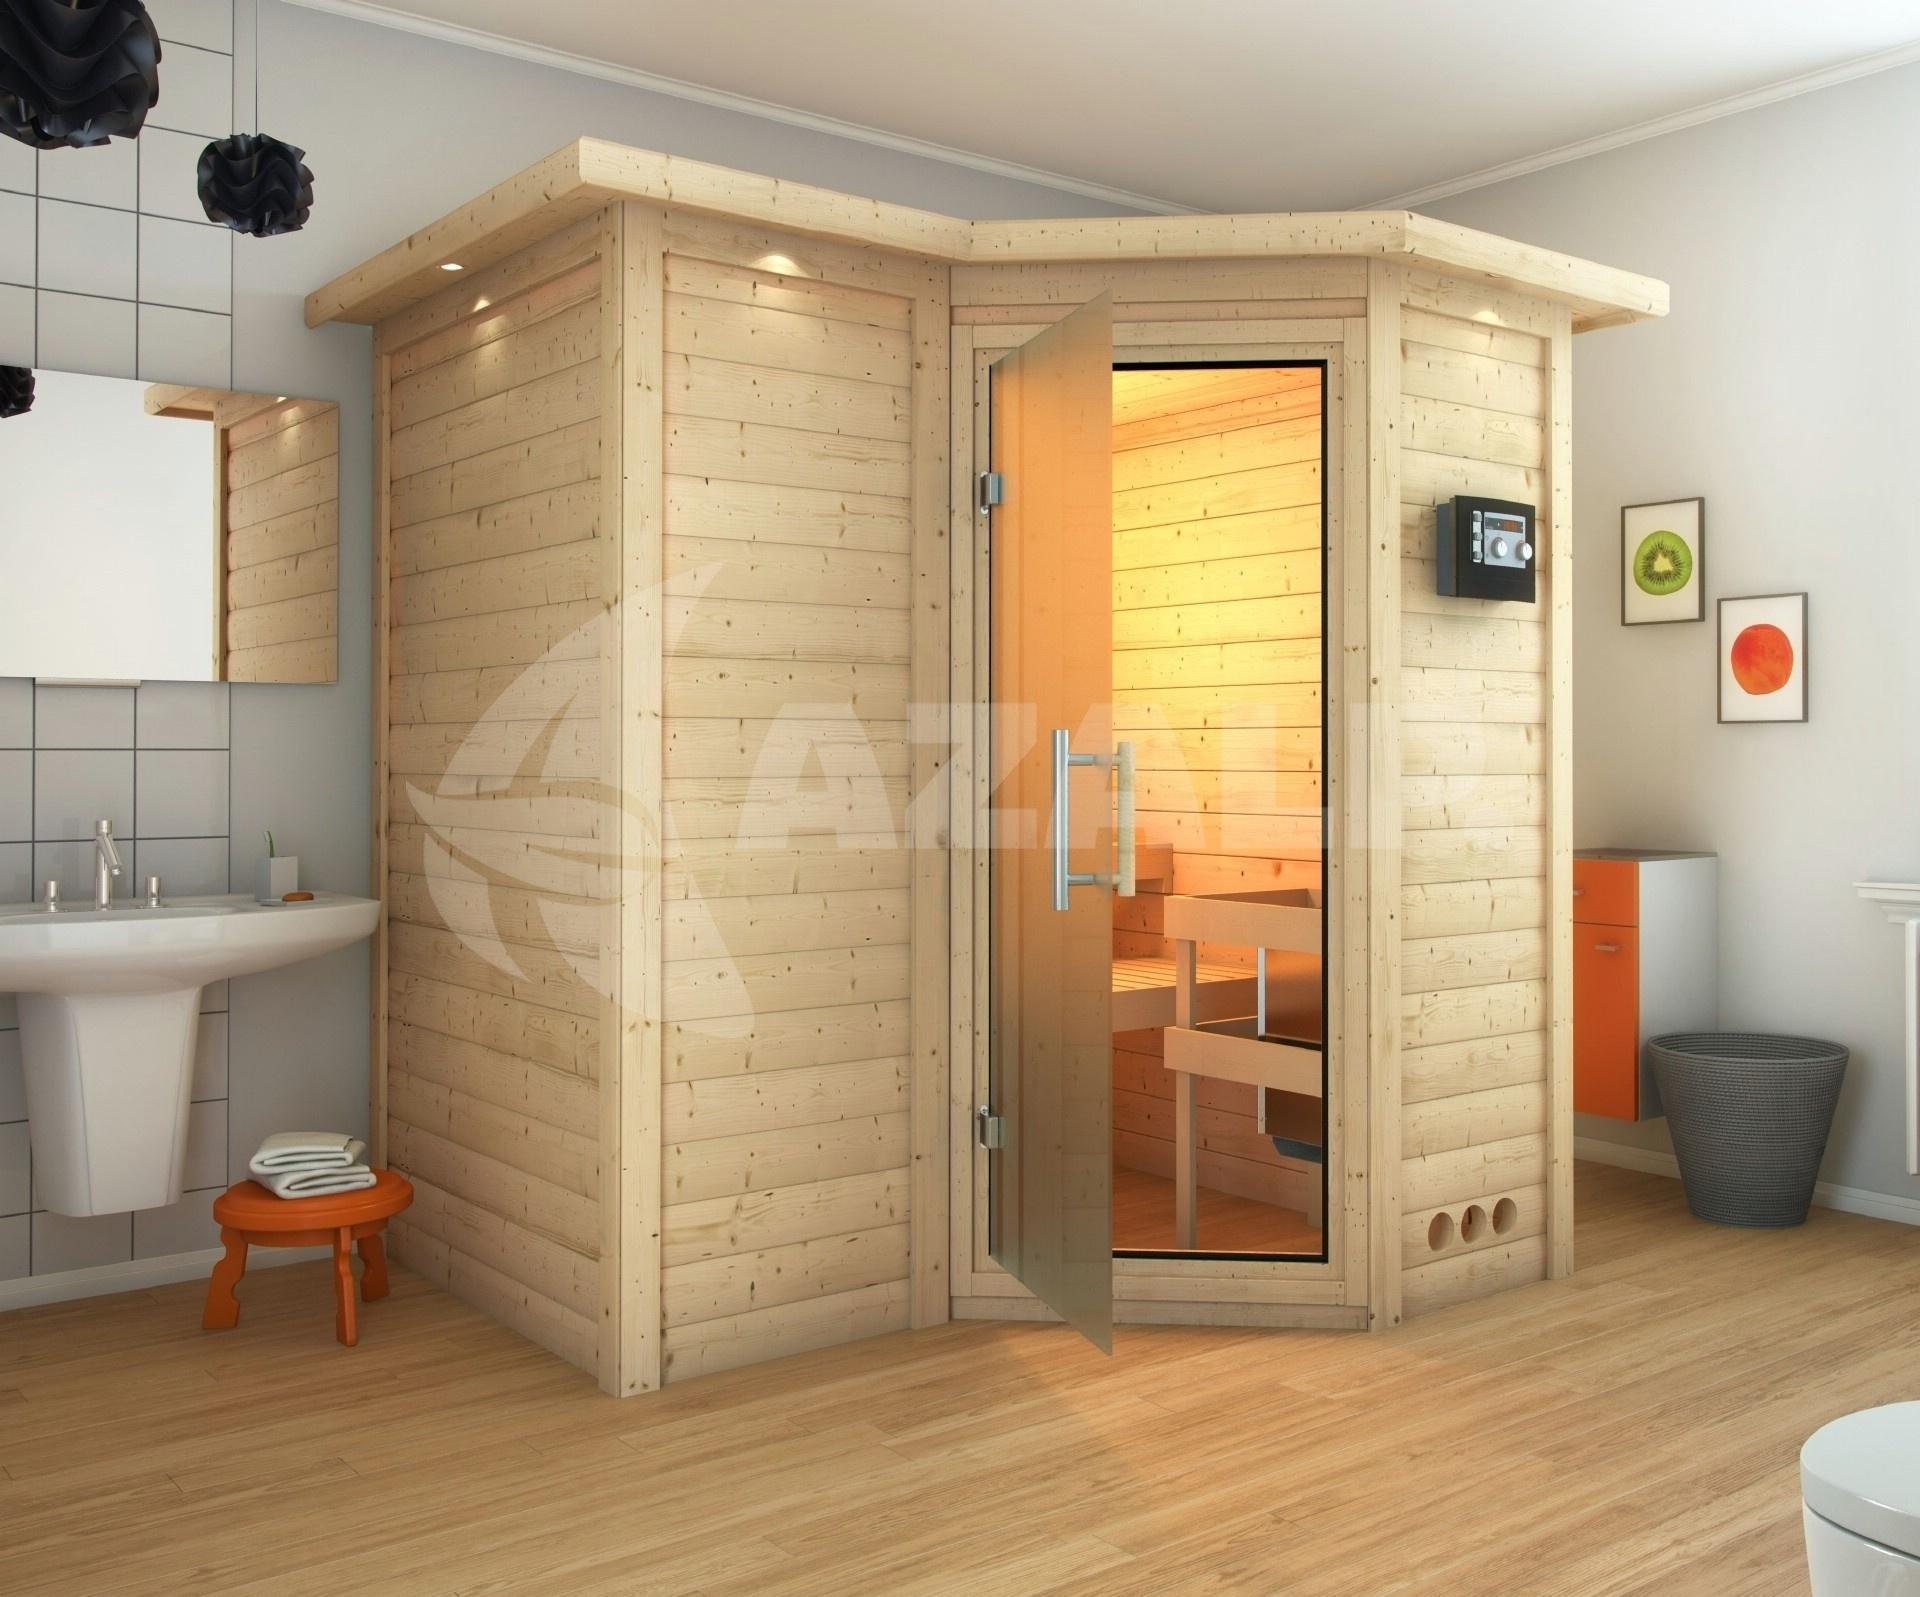 karibu kombisauna sahib 1 kaufen bei. Black Bedroom Furniture Sets. Home Design Ideas